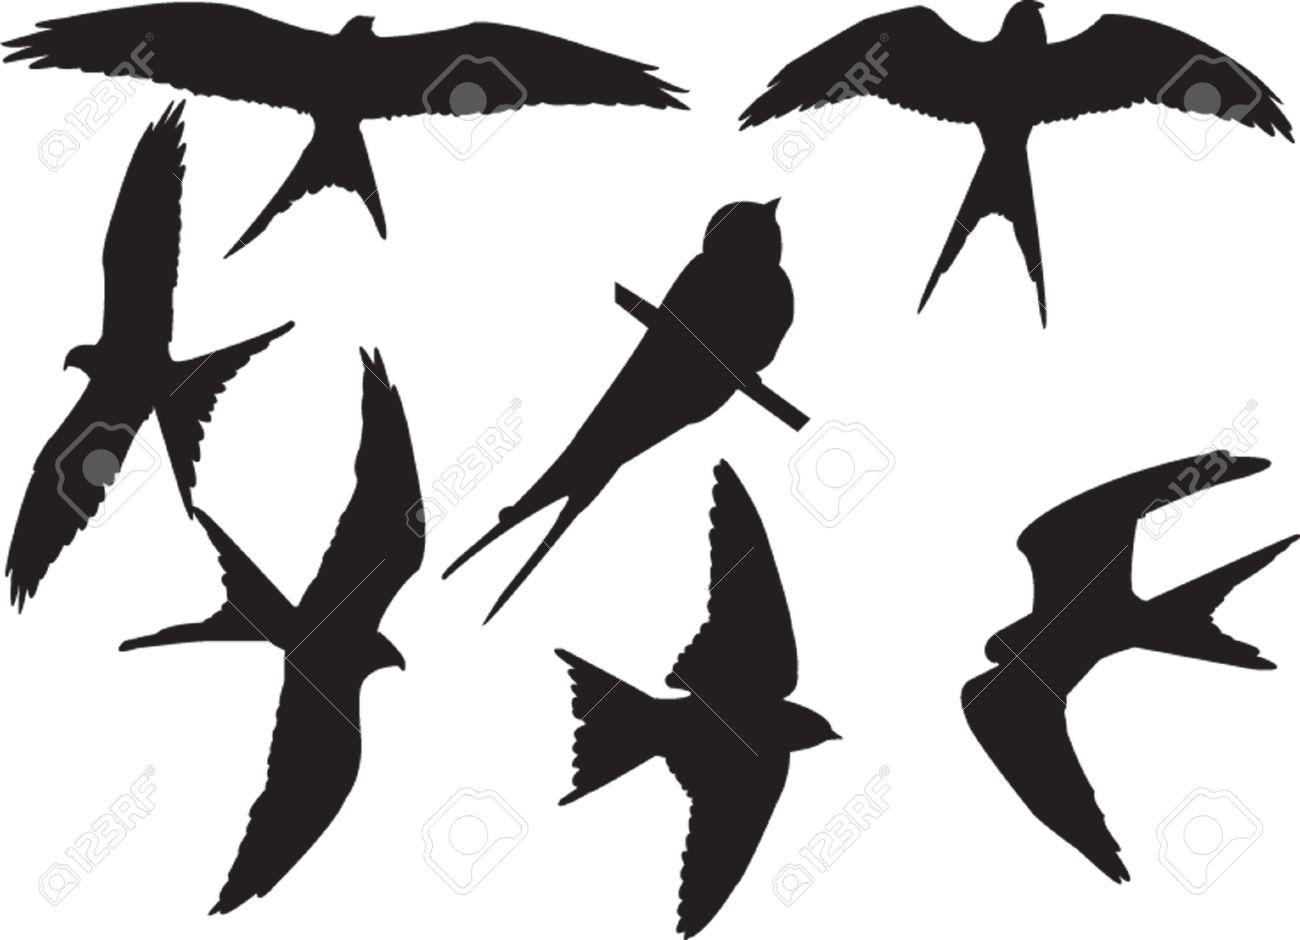 swallows silhouette collection - vector Stock Vector - 5157831